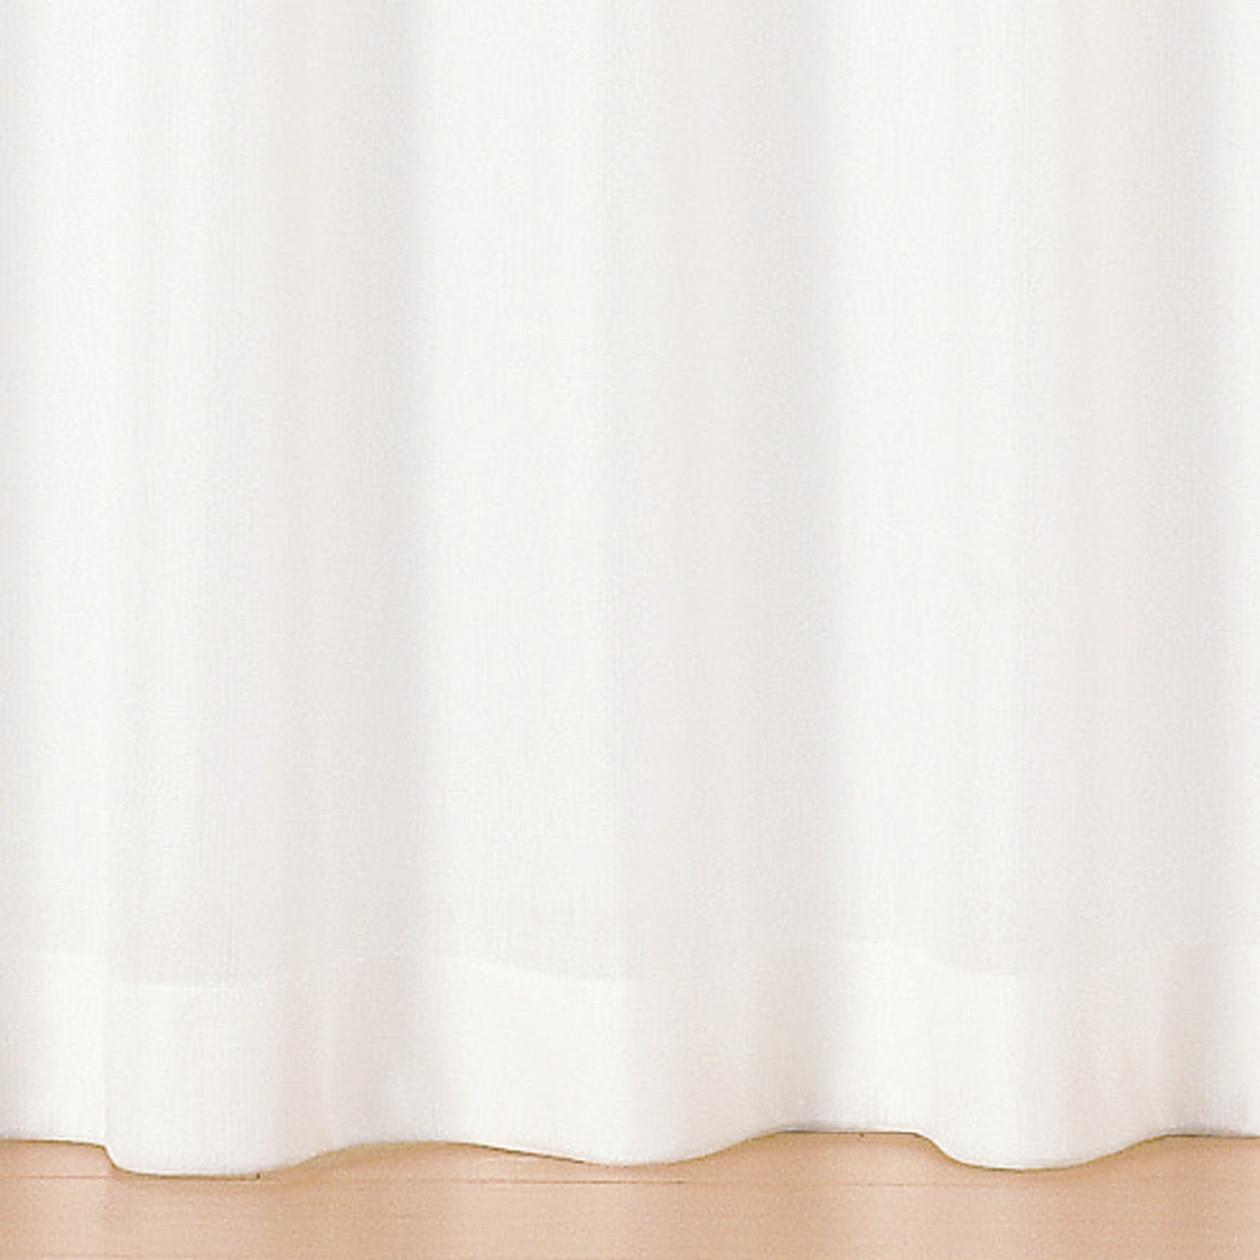 UVカット熱を通しにくいトリコット防炎レースプリーツカーテン/オフ白